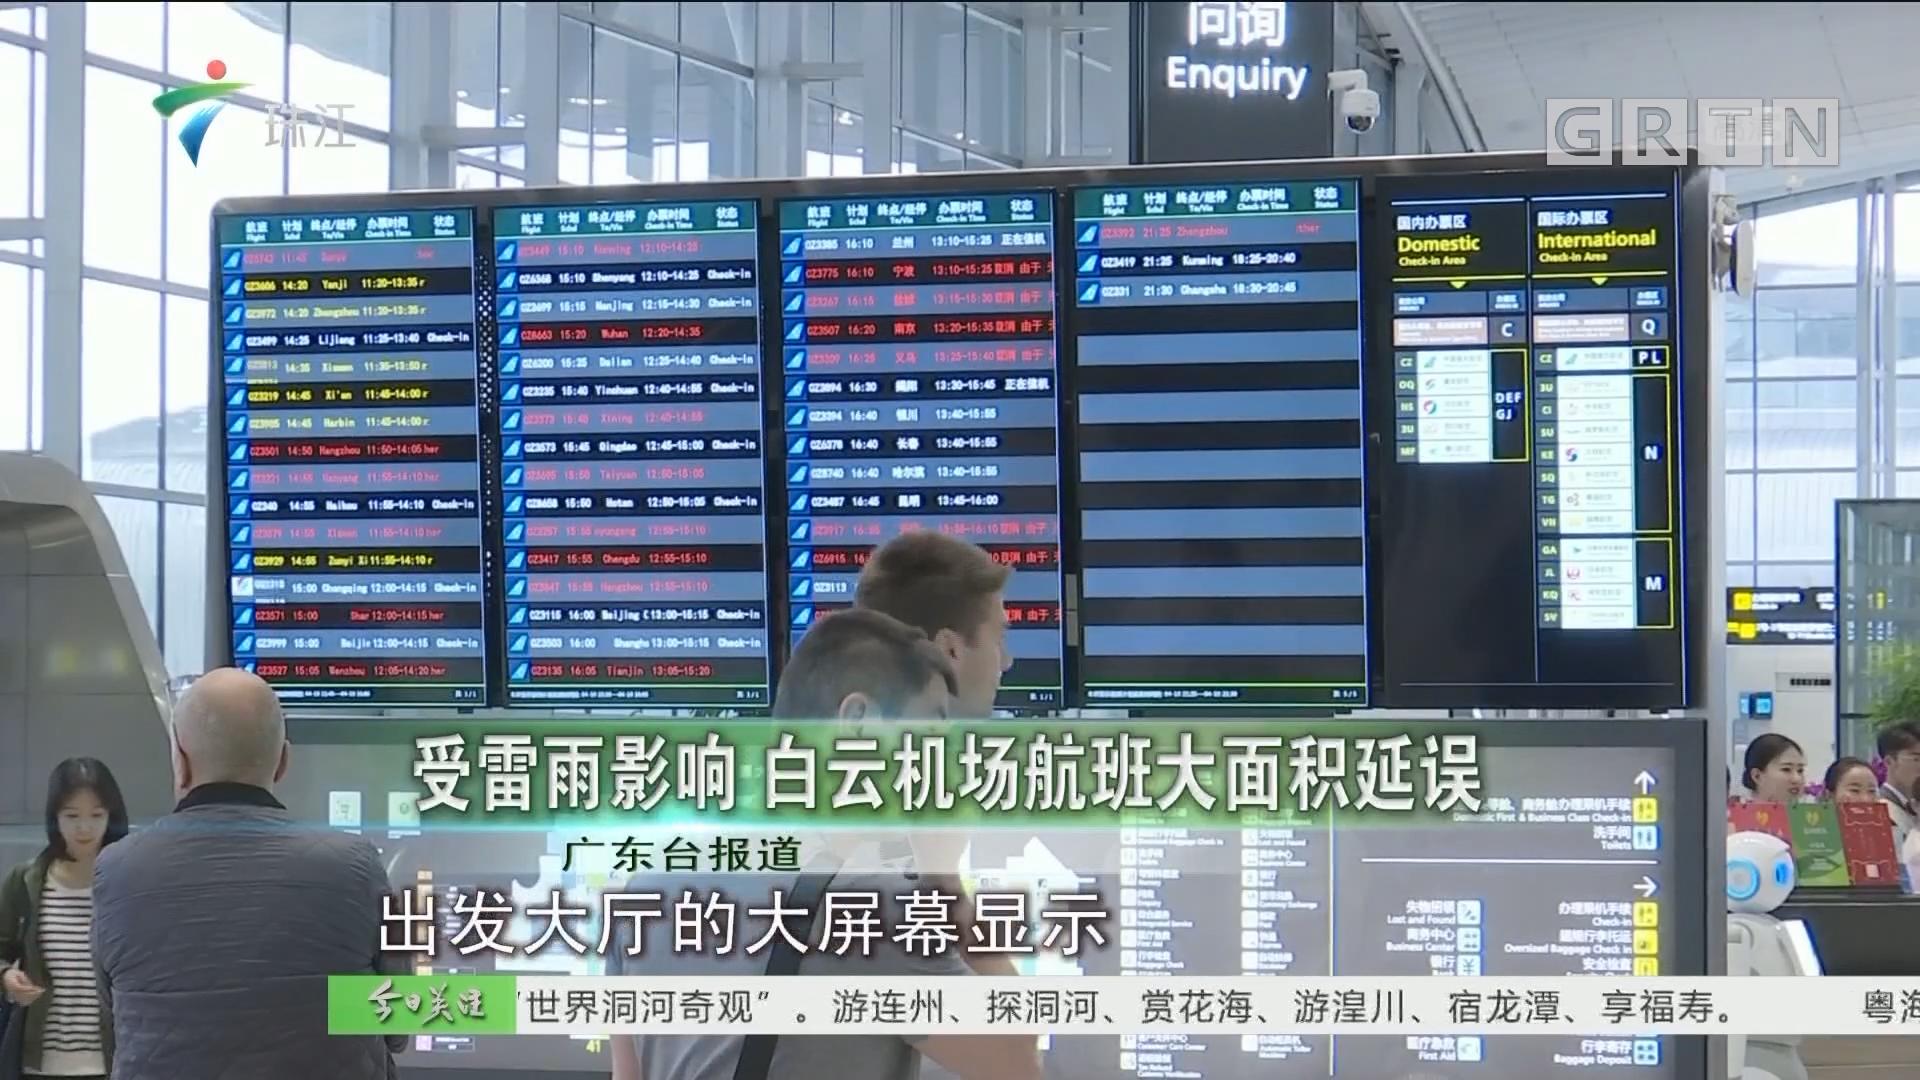 受雷雨影响 白云机场航班大面积延误